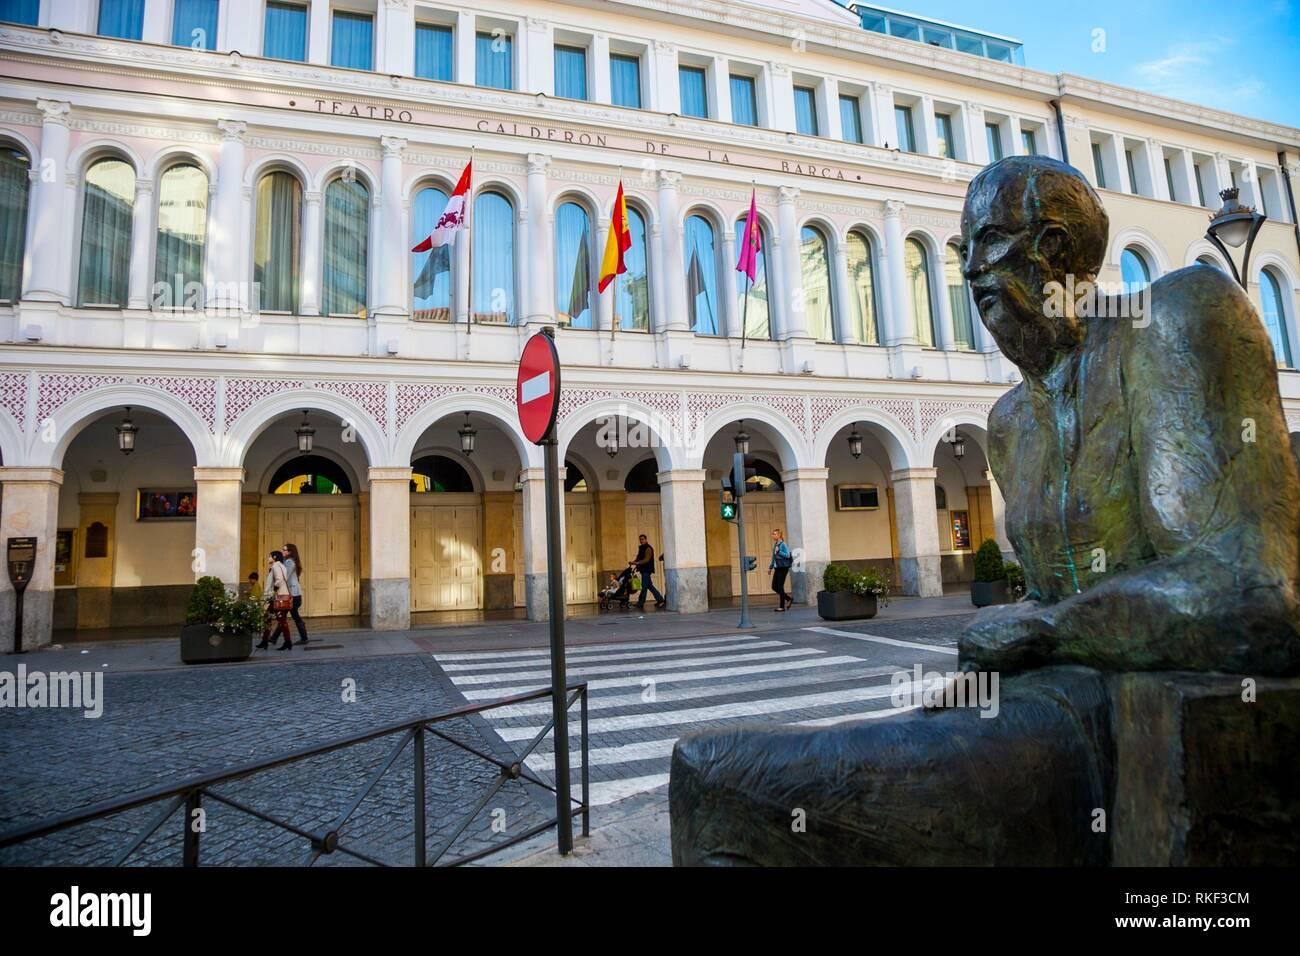 Calderon de la Barca Theater, Valladolid, Castilla y Leon, Spain - Stock Image